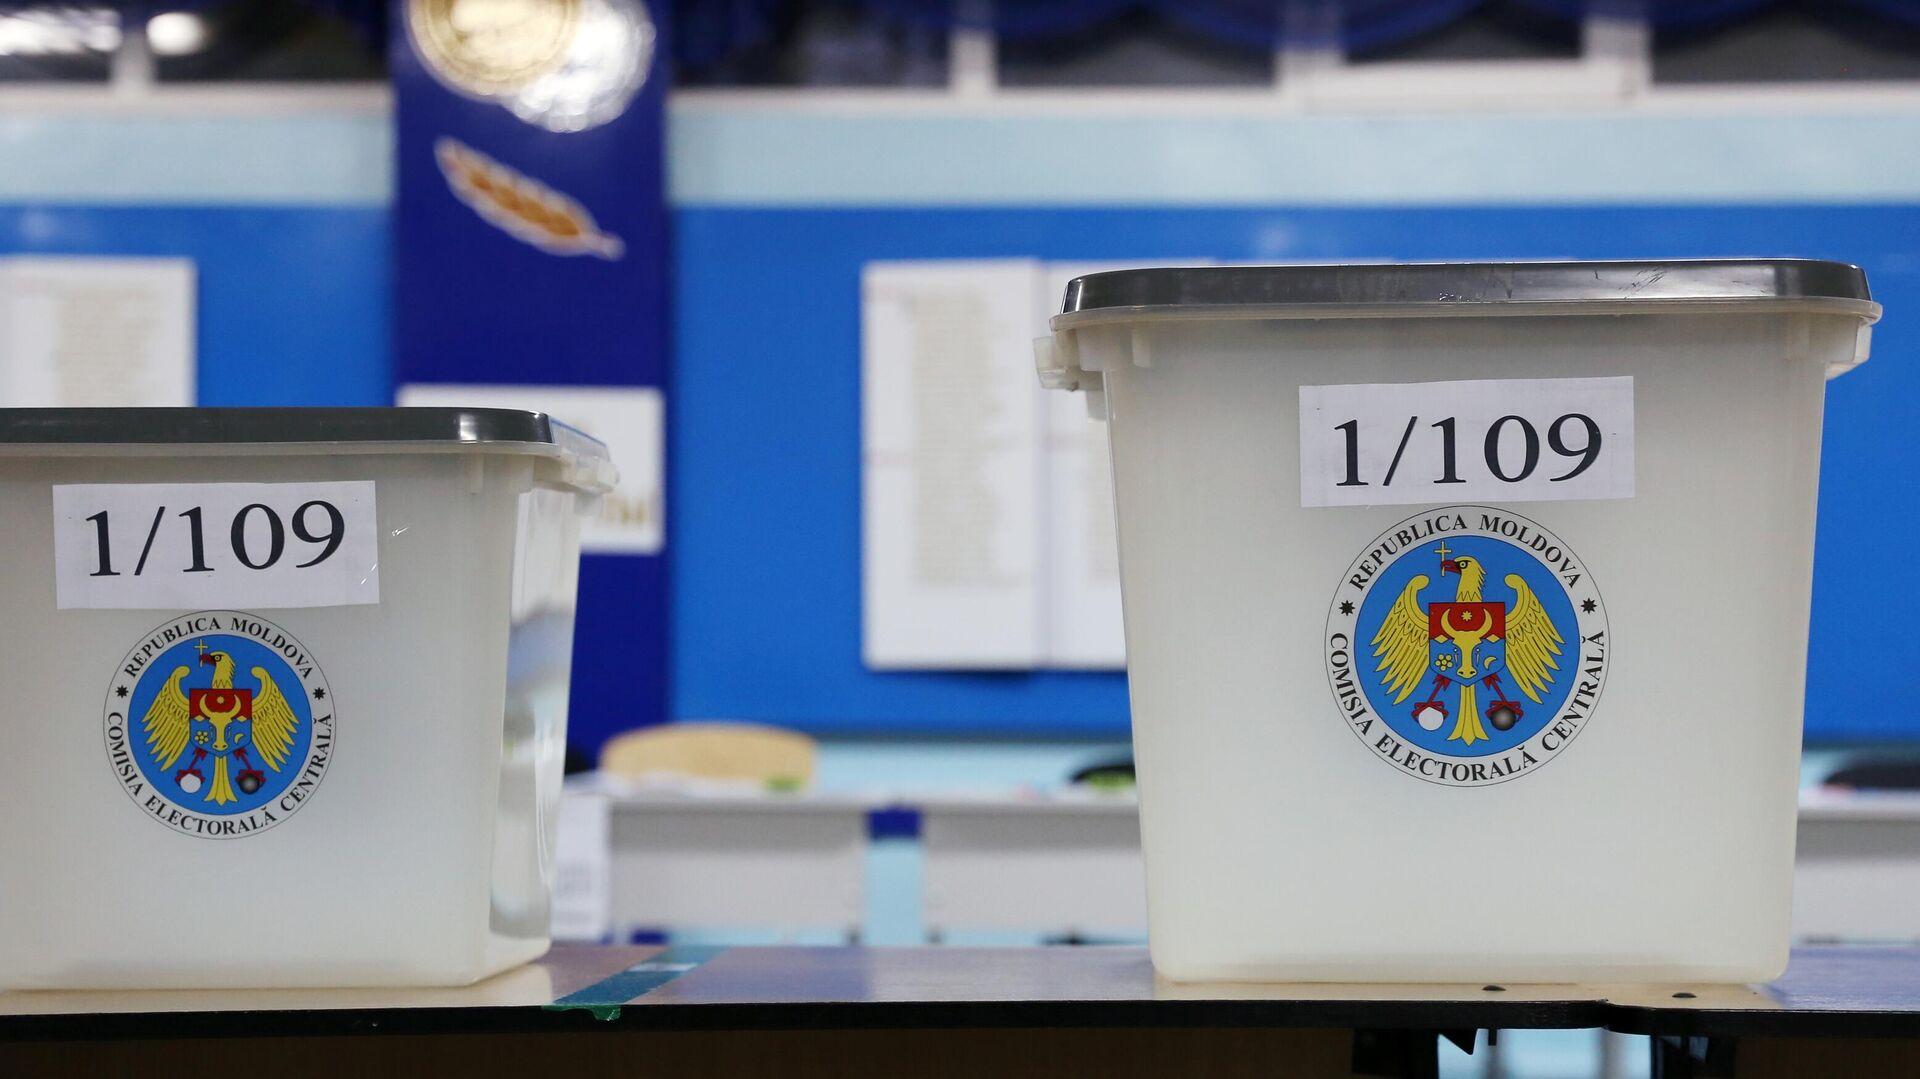 Женщина голосует на всеобщих выборах президента Молдавии на одном из участков в Кишиневе - РИА Новости, 1920, 01.11.2020